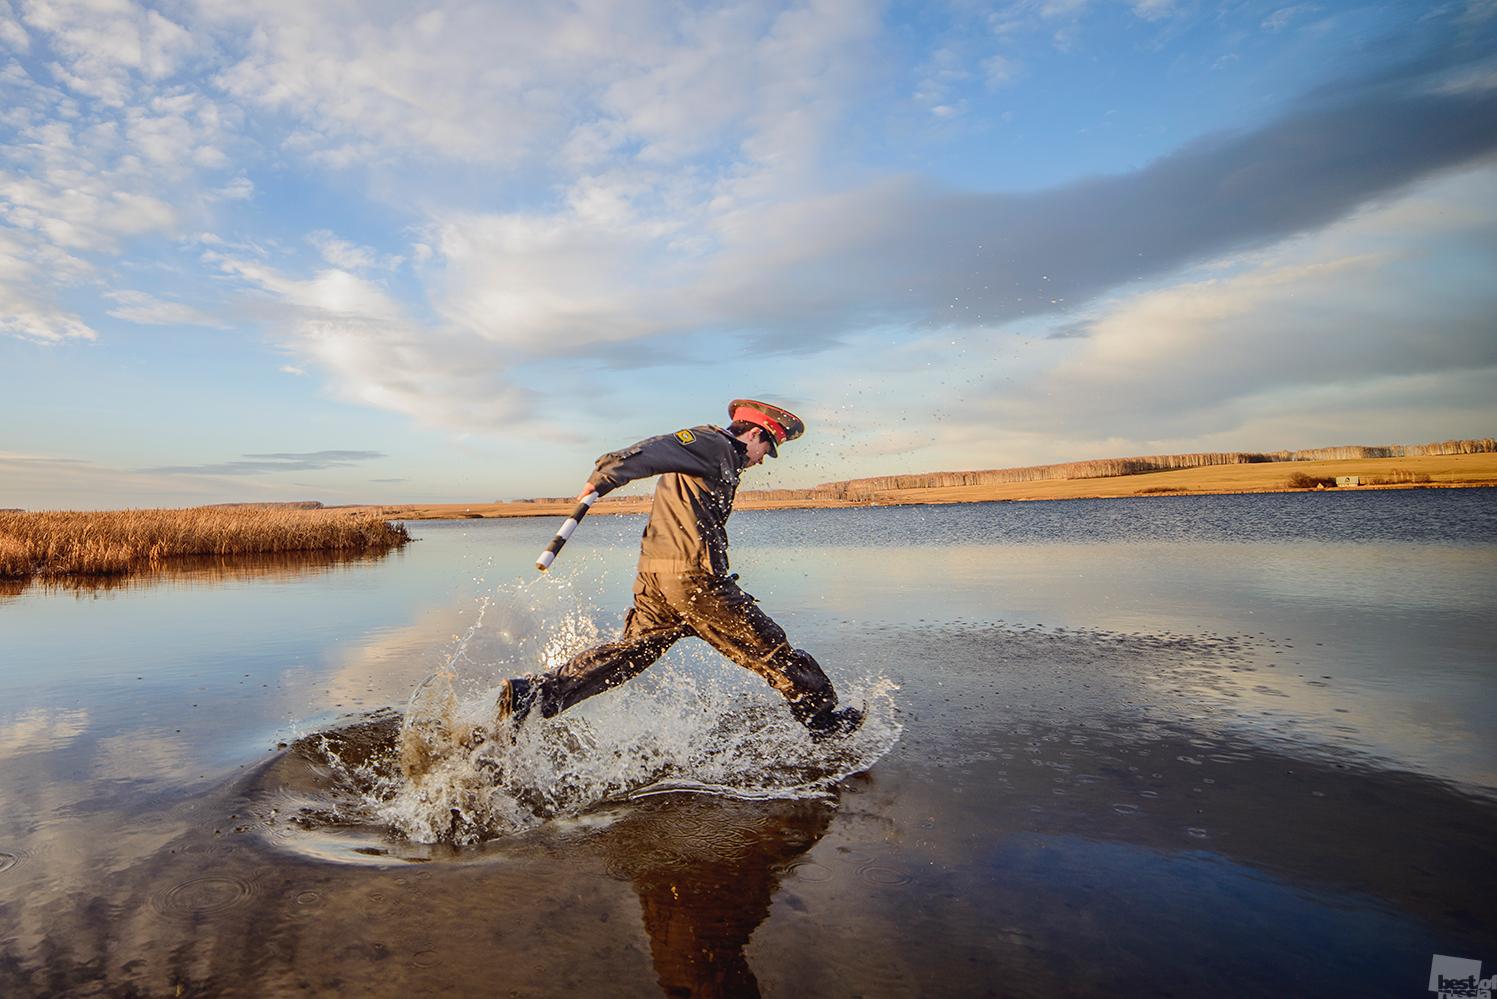 曇りガラスを運ぶ船を止める為に川を走るクルガンの警察官。クルガン州、シャドリンスク